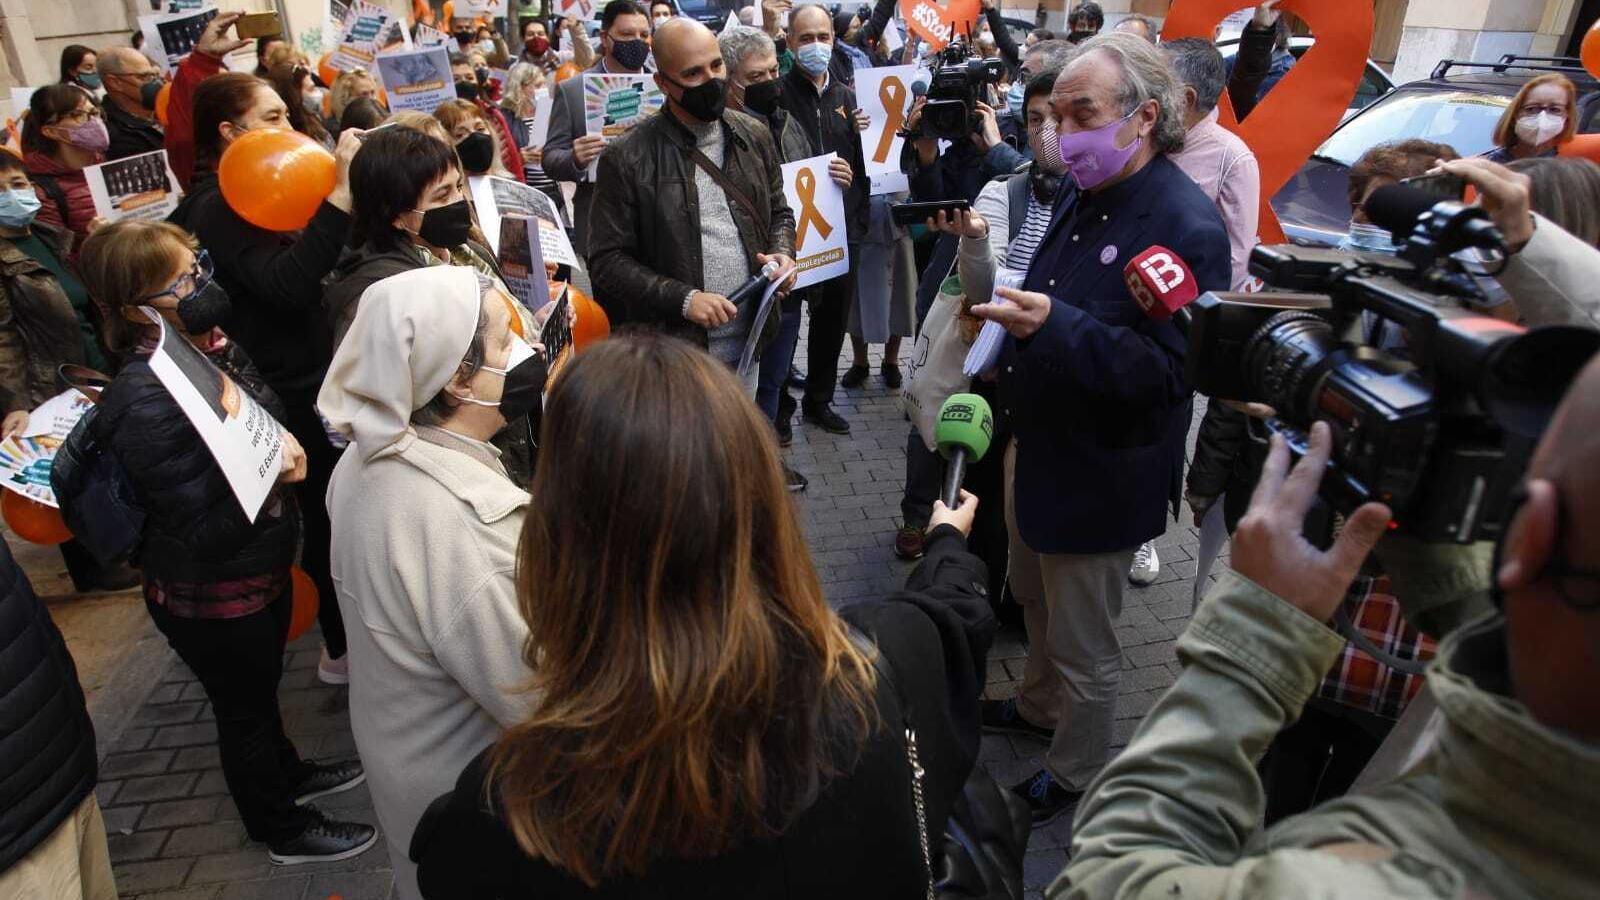 El conseller d'Educació, Universitat i Recerca, Martí March, parlant amb els manifestants